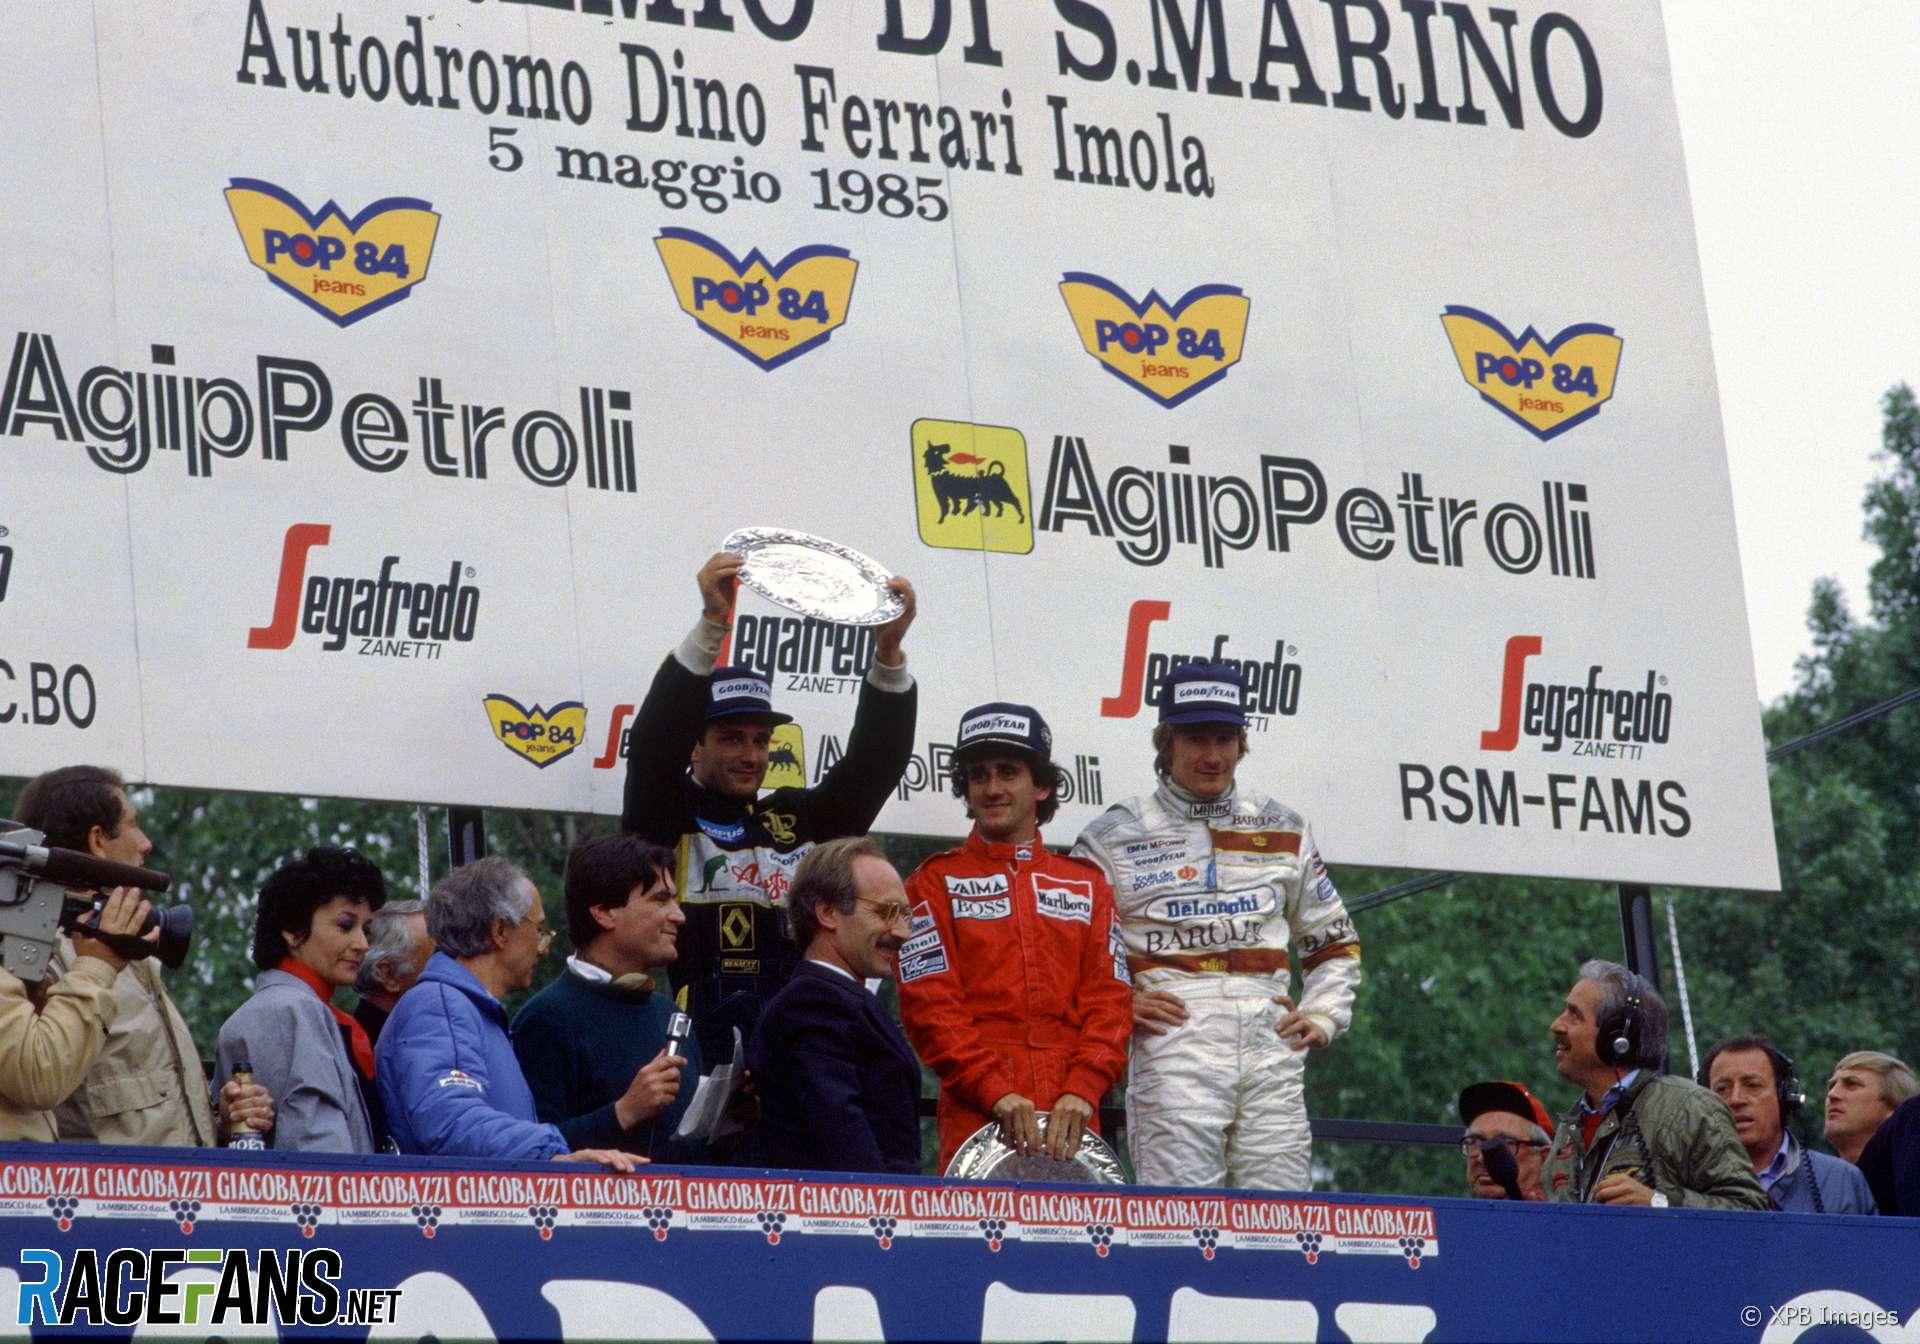 Elio De Angelis, Alain Prost, Thierry Boutsen, Imola, 1985